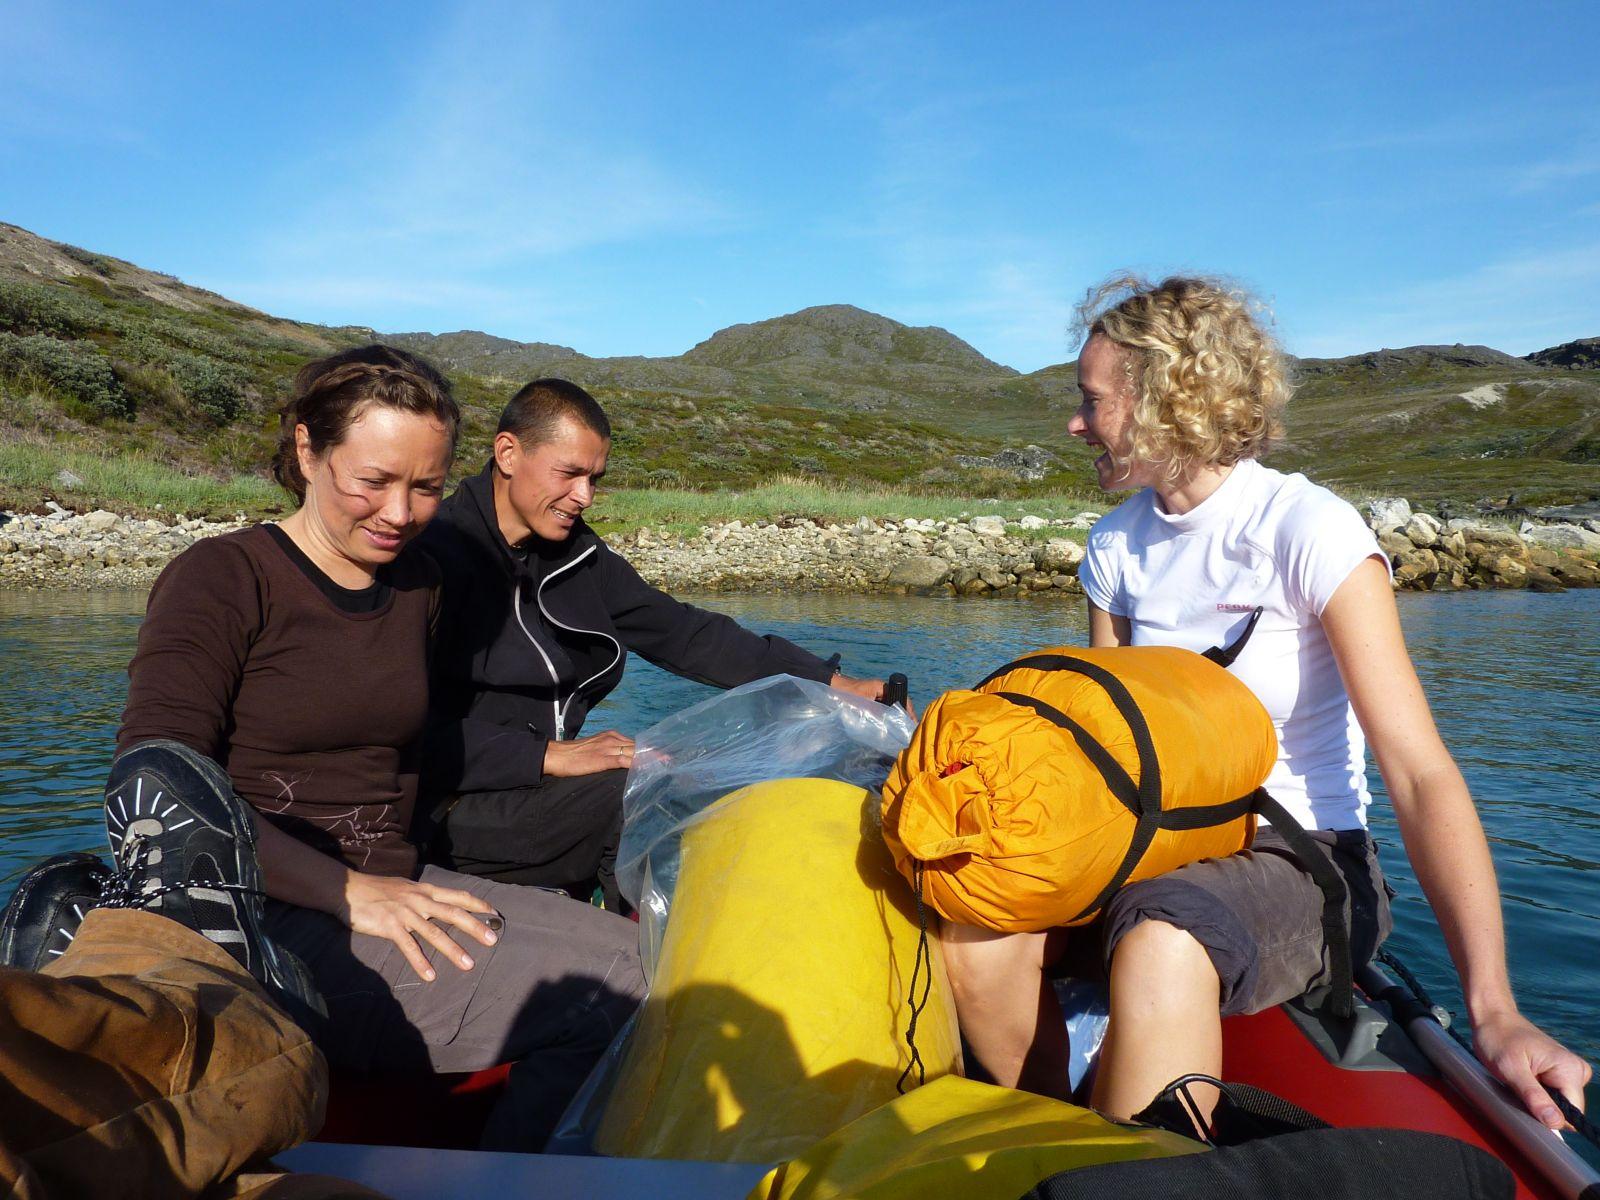 2010-08-05-1828_-_Aili Lage Labansen; Helene; Klaus Lage Labansen